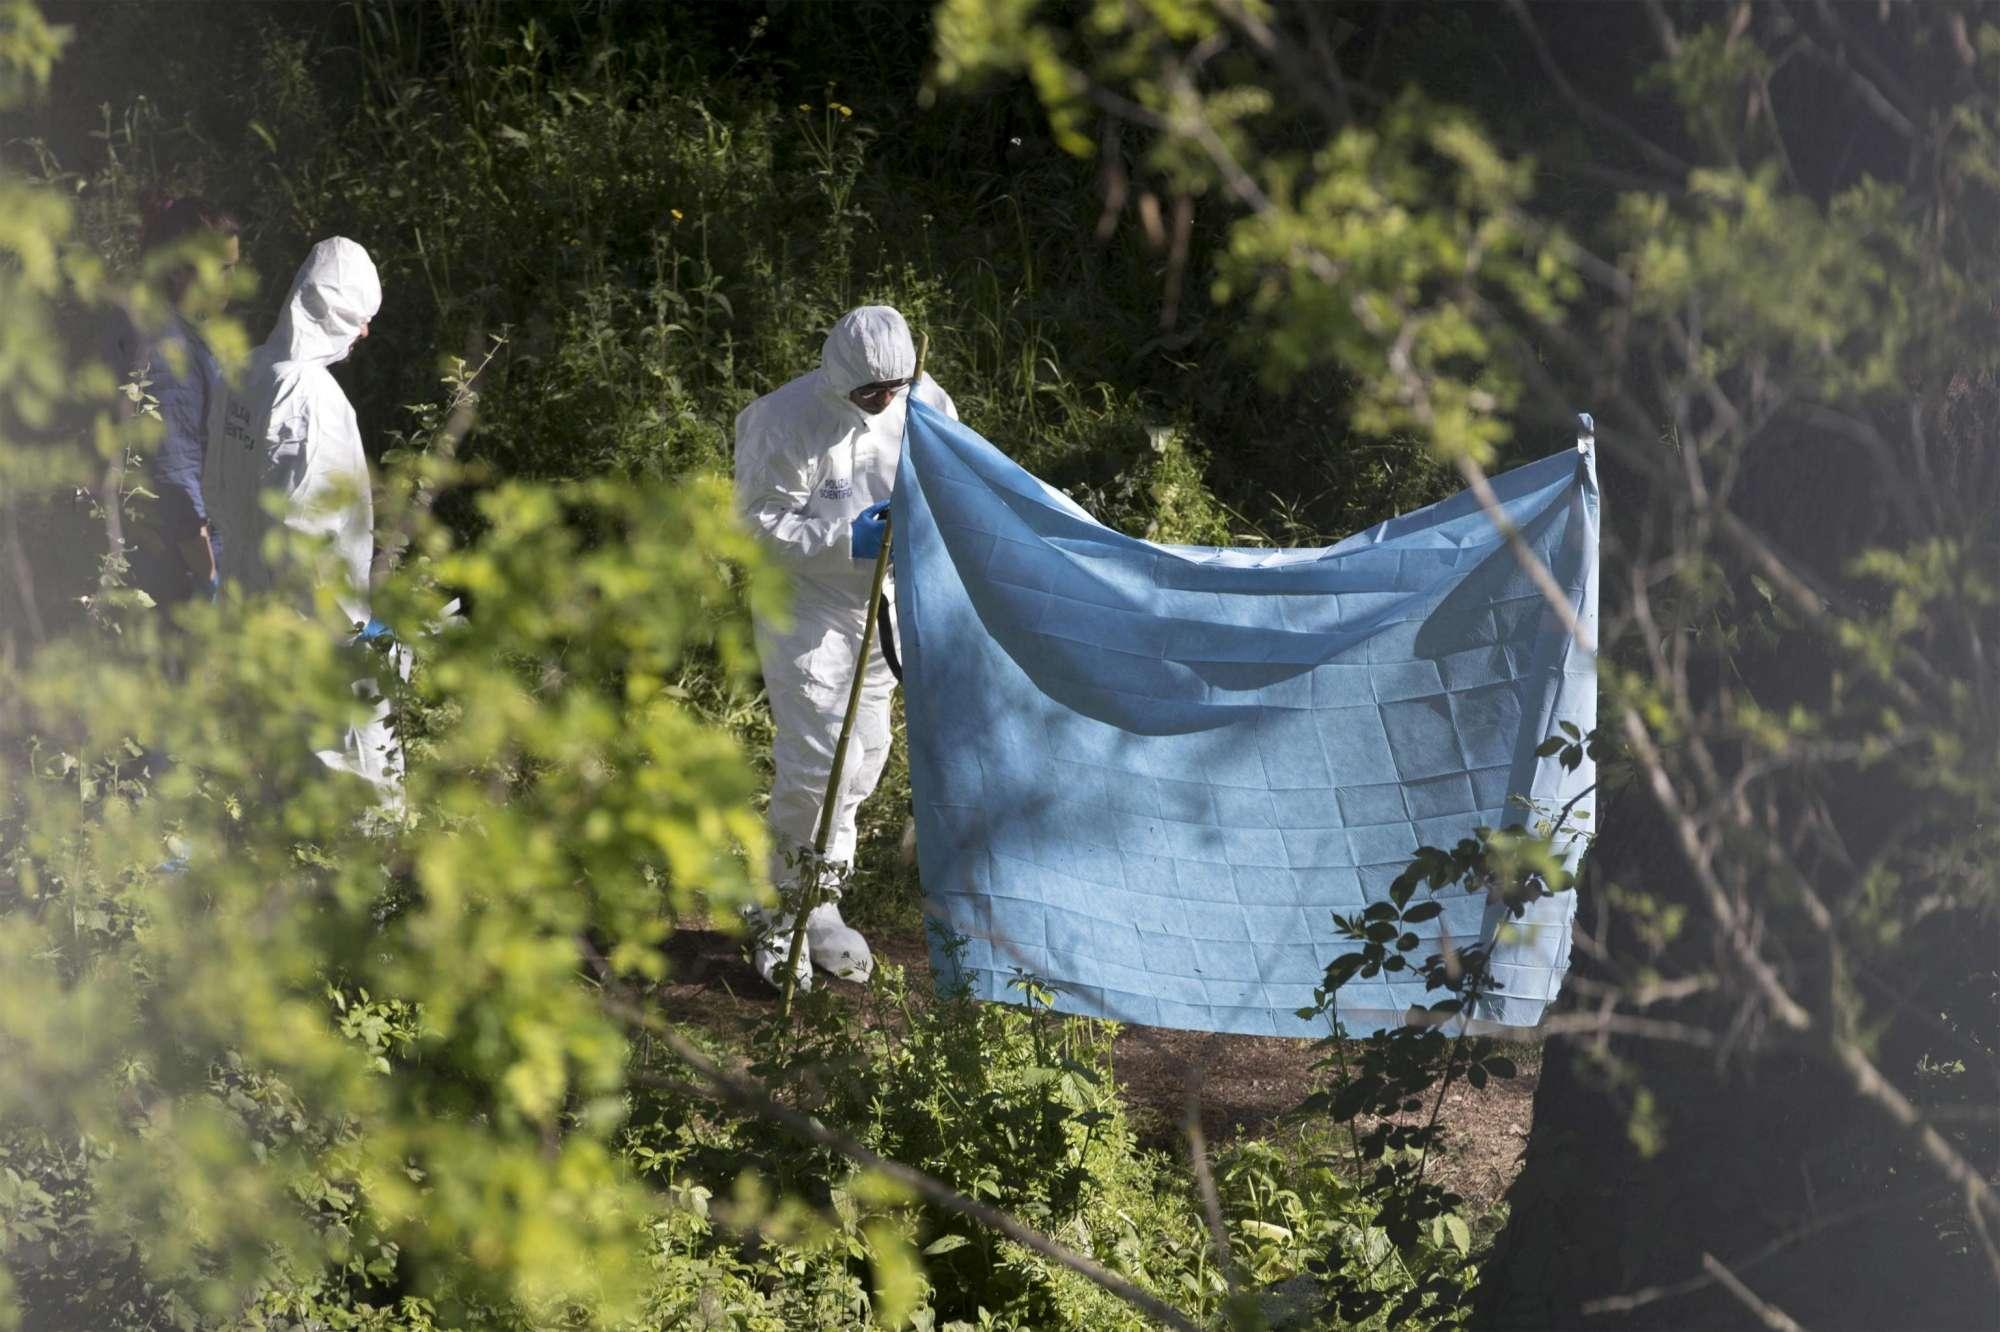 Roma, trovato il corpo carbonizzato di una donna in un parco